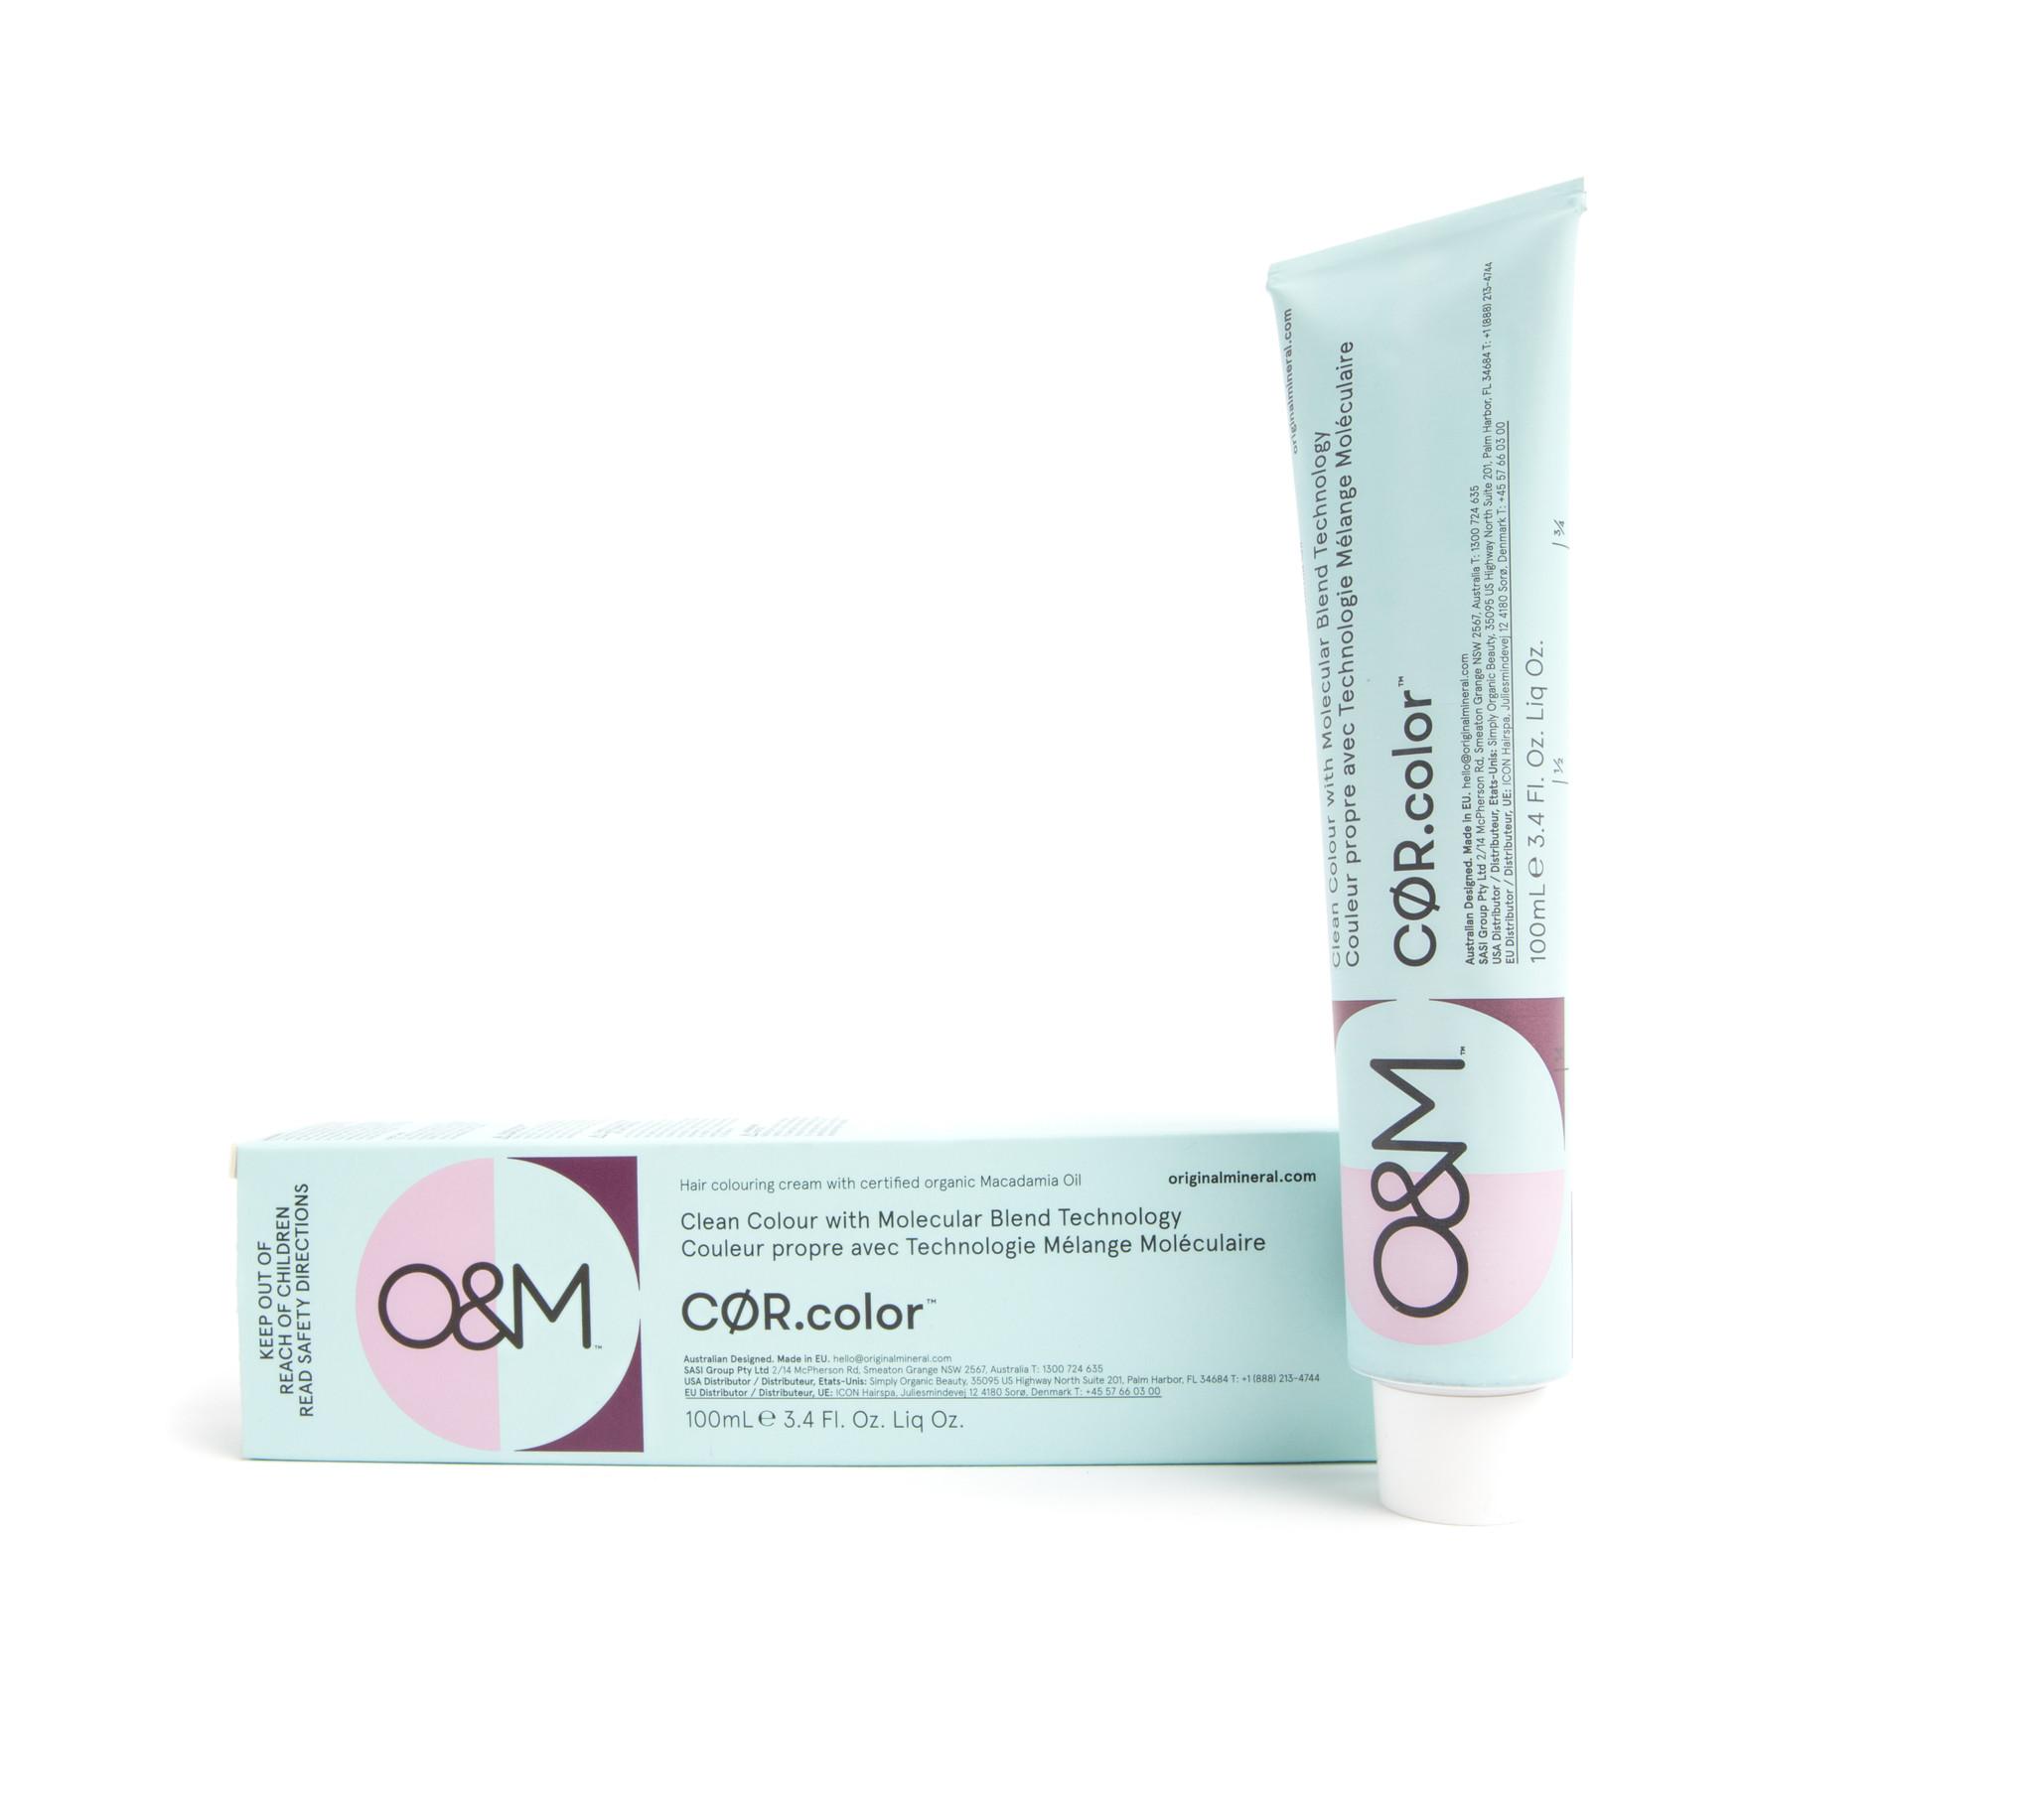 O&M - Original Mineral O&M CØR.color Chocolate Blonde 7.75 100g